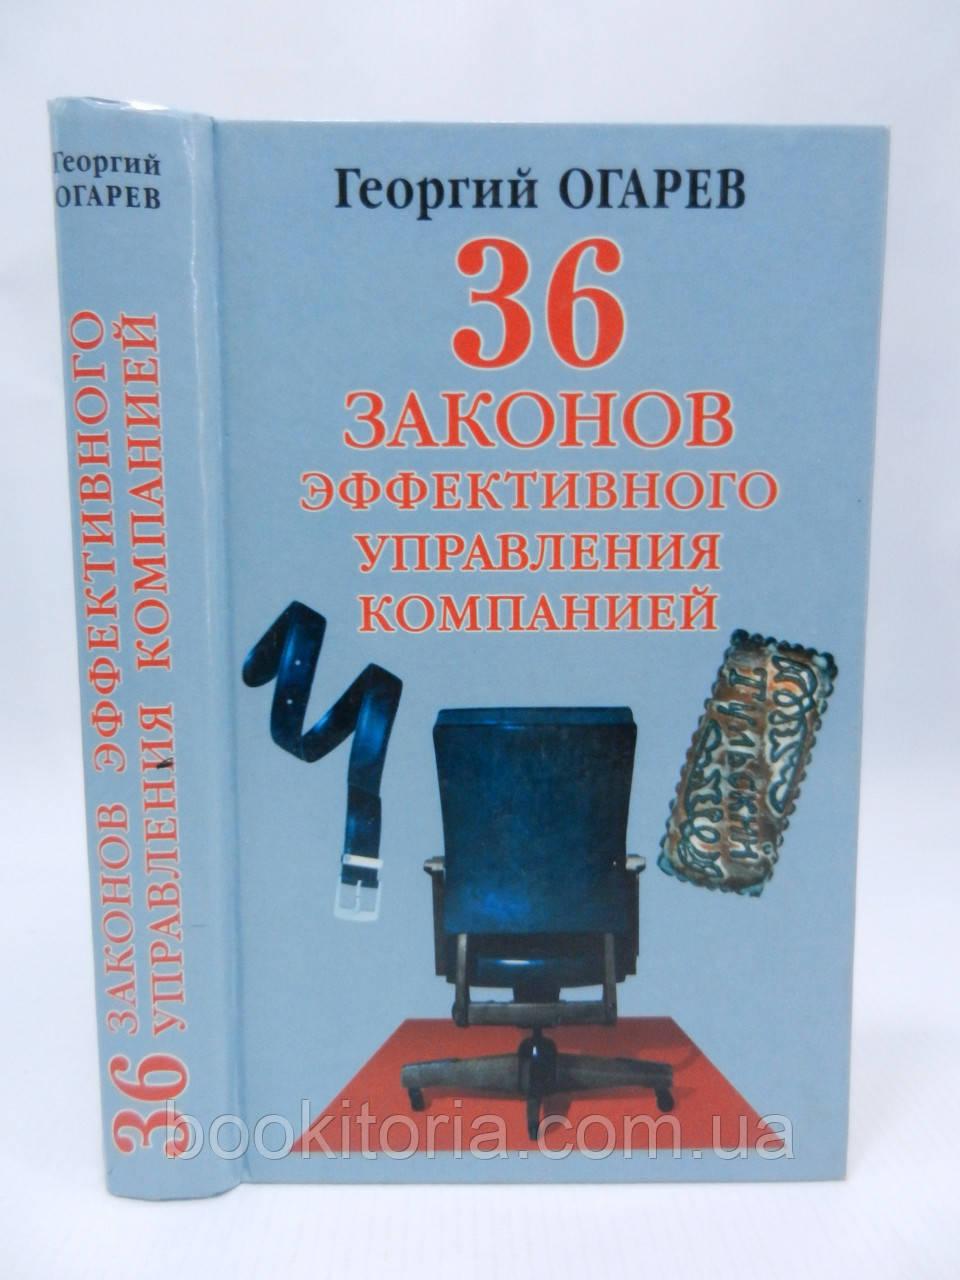 Огарев Г. 36 законов эффективного управления компанией (б/у).